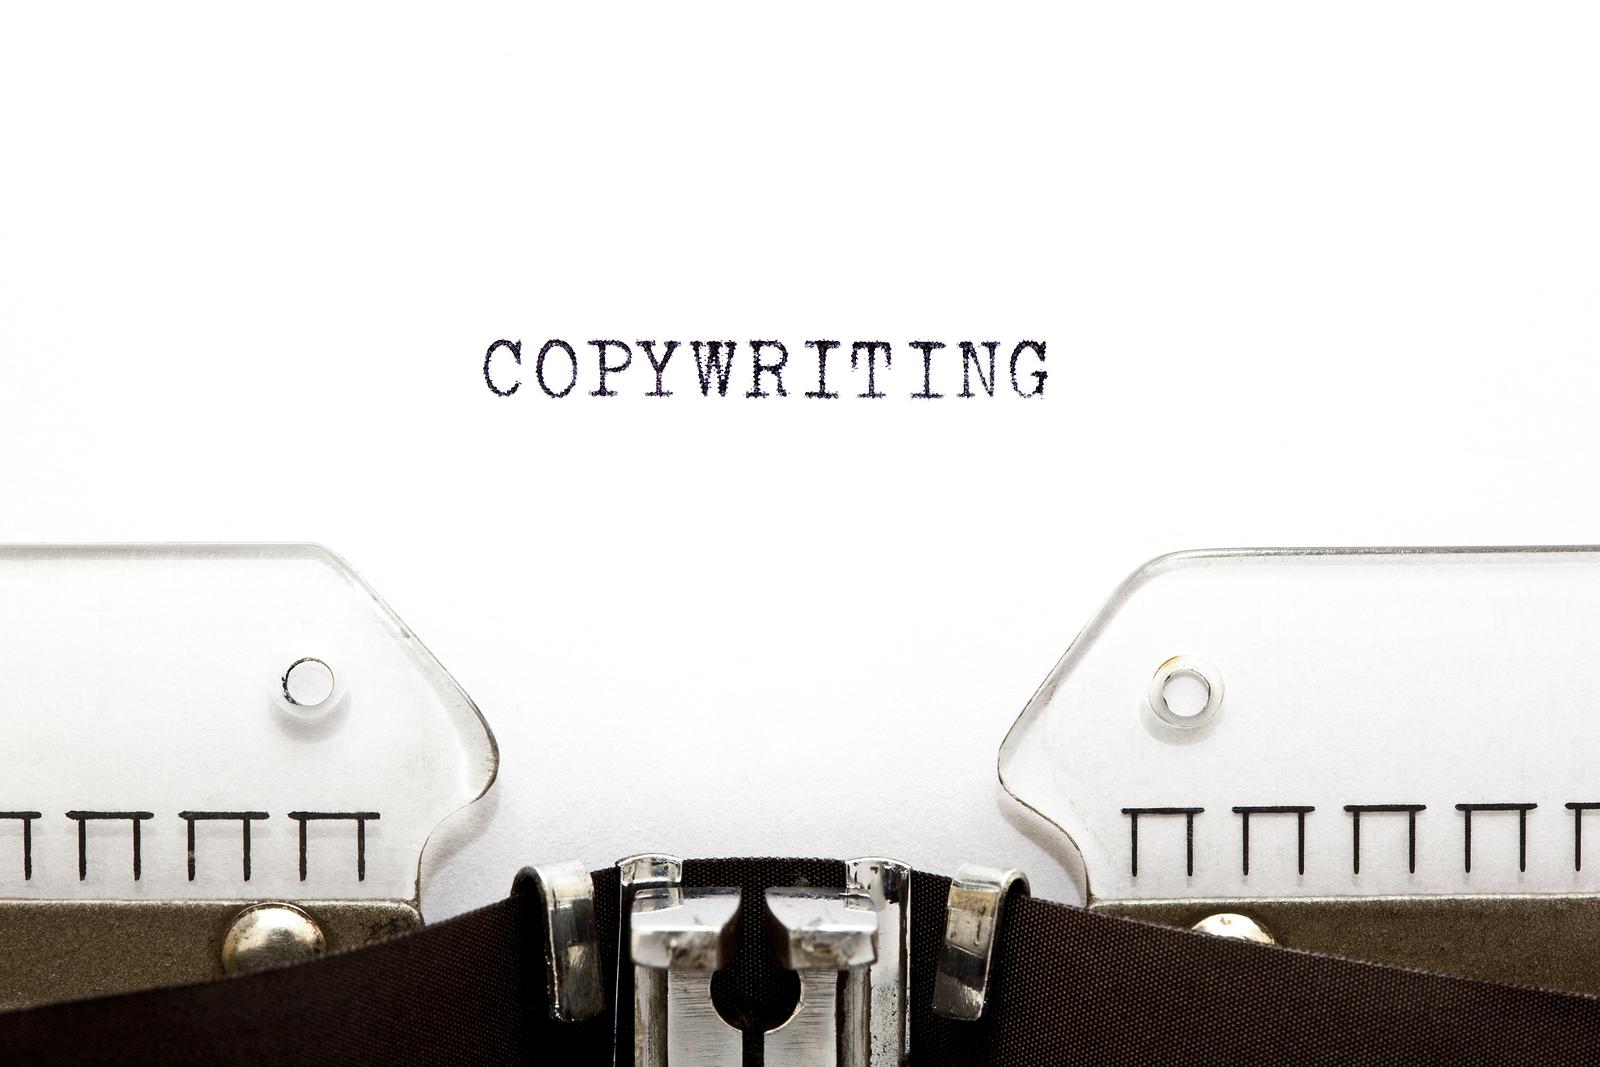 SEO y copywriting, ¿amigos o enemigos?